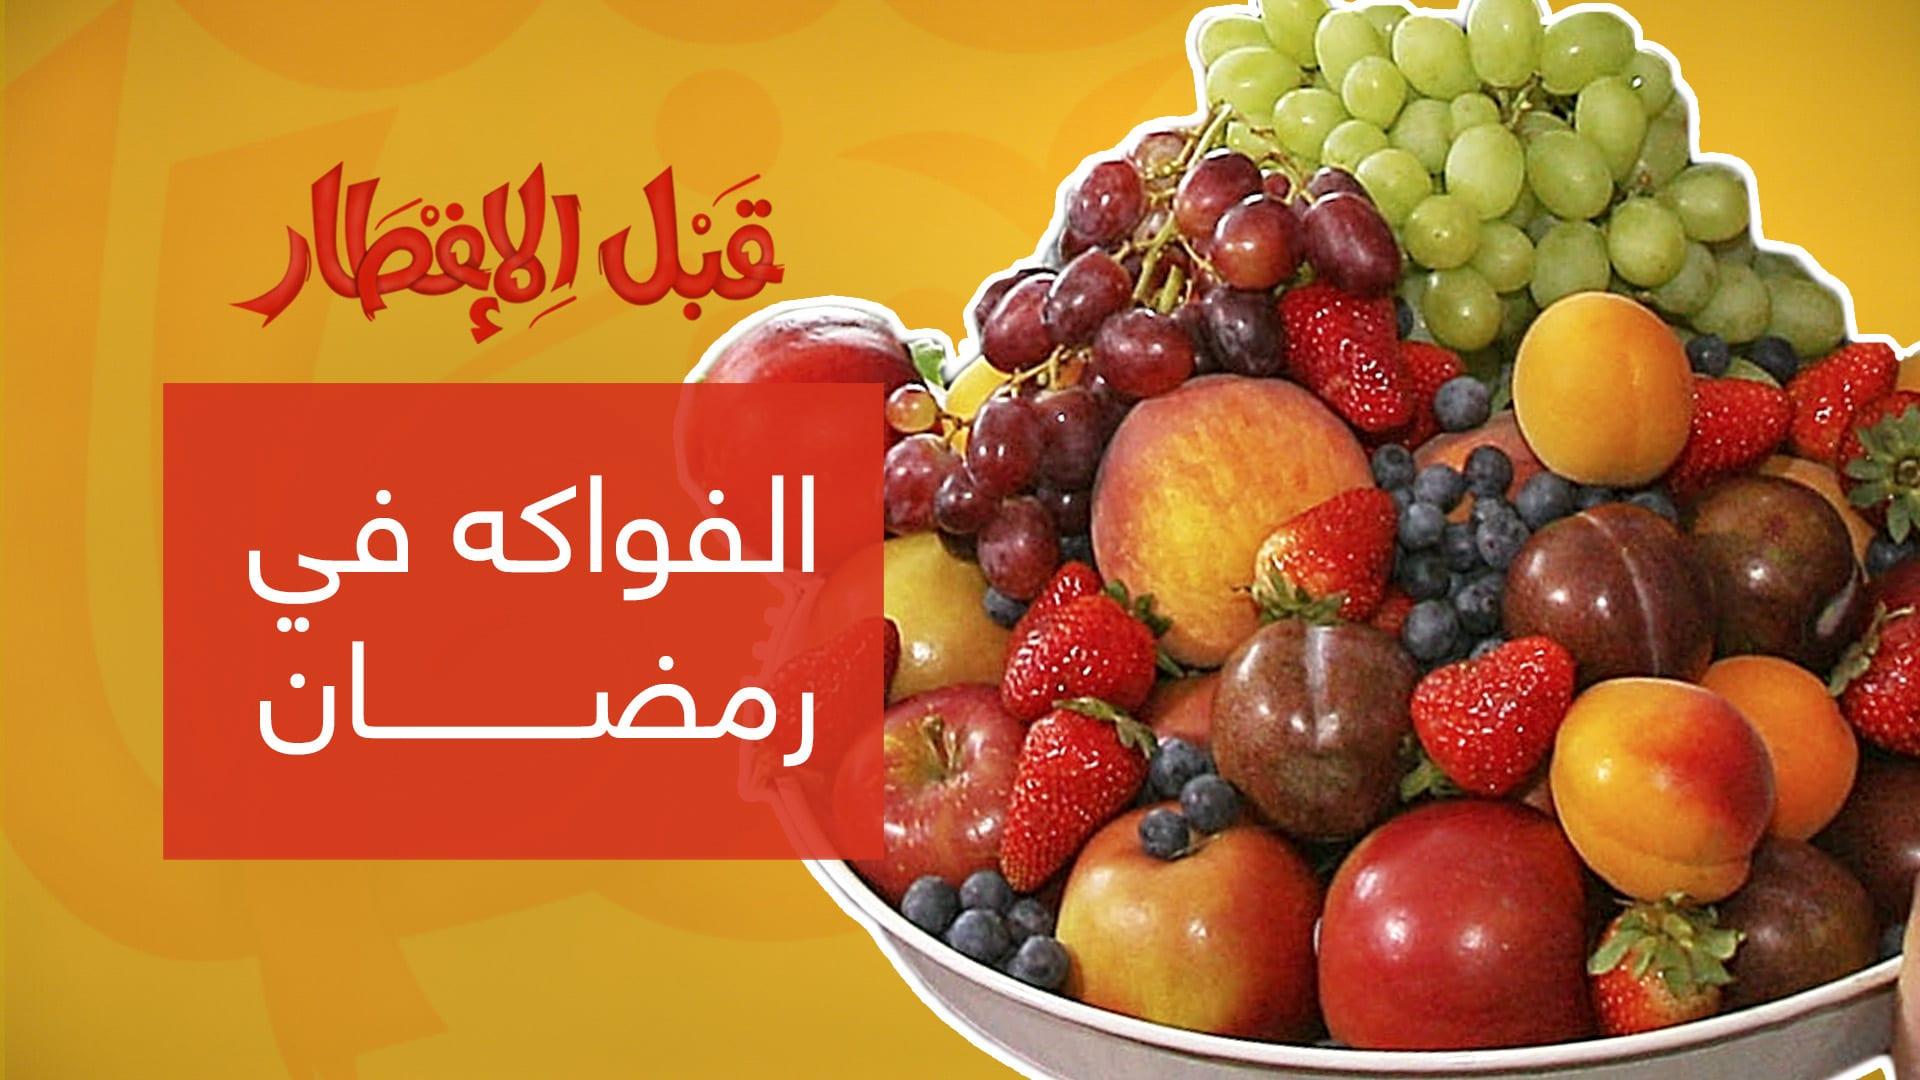 """نصيحة """"قبل الإفطار"""".. تناول الفاكهة في هذه الأوقات برمضان"""